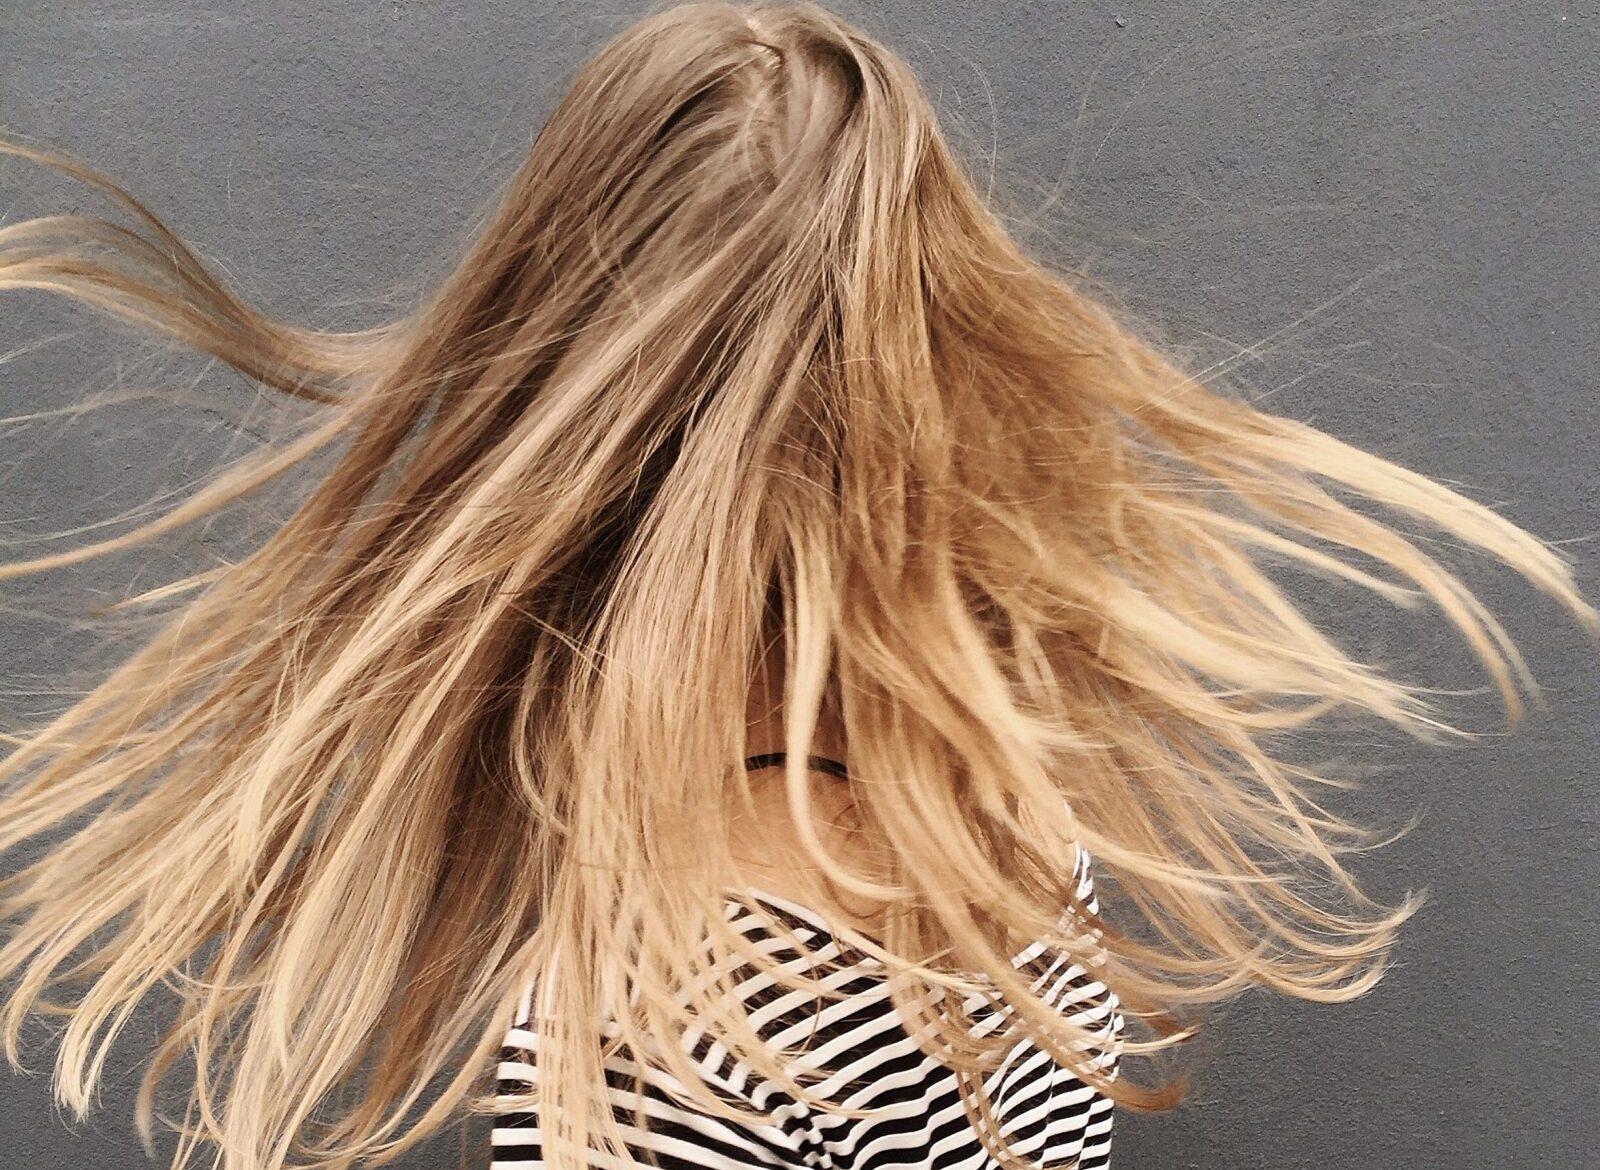 Насекомые в волосах? Фармацевт советует, что предпринять и как избежать заражения